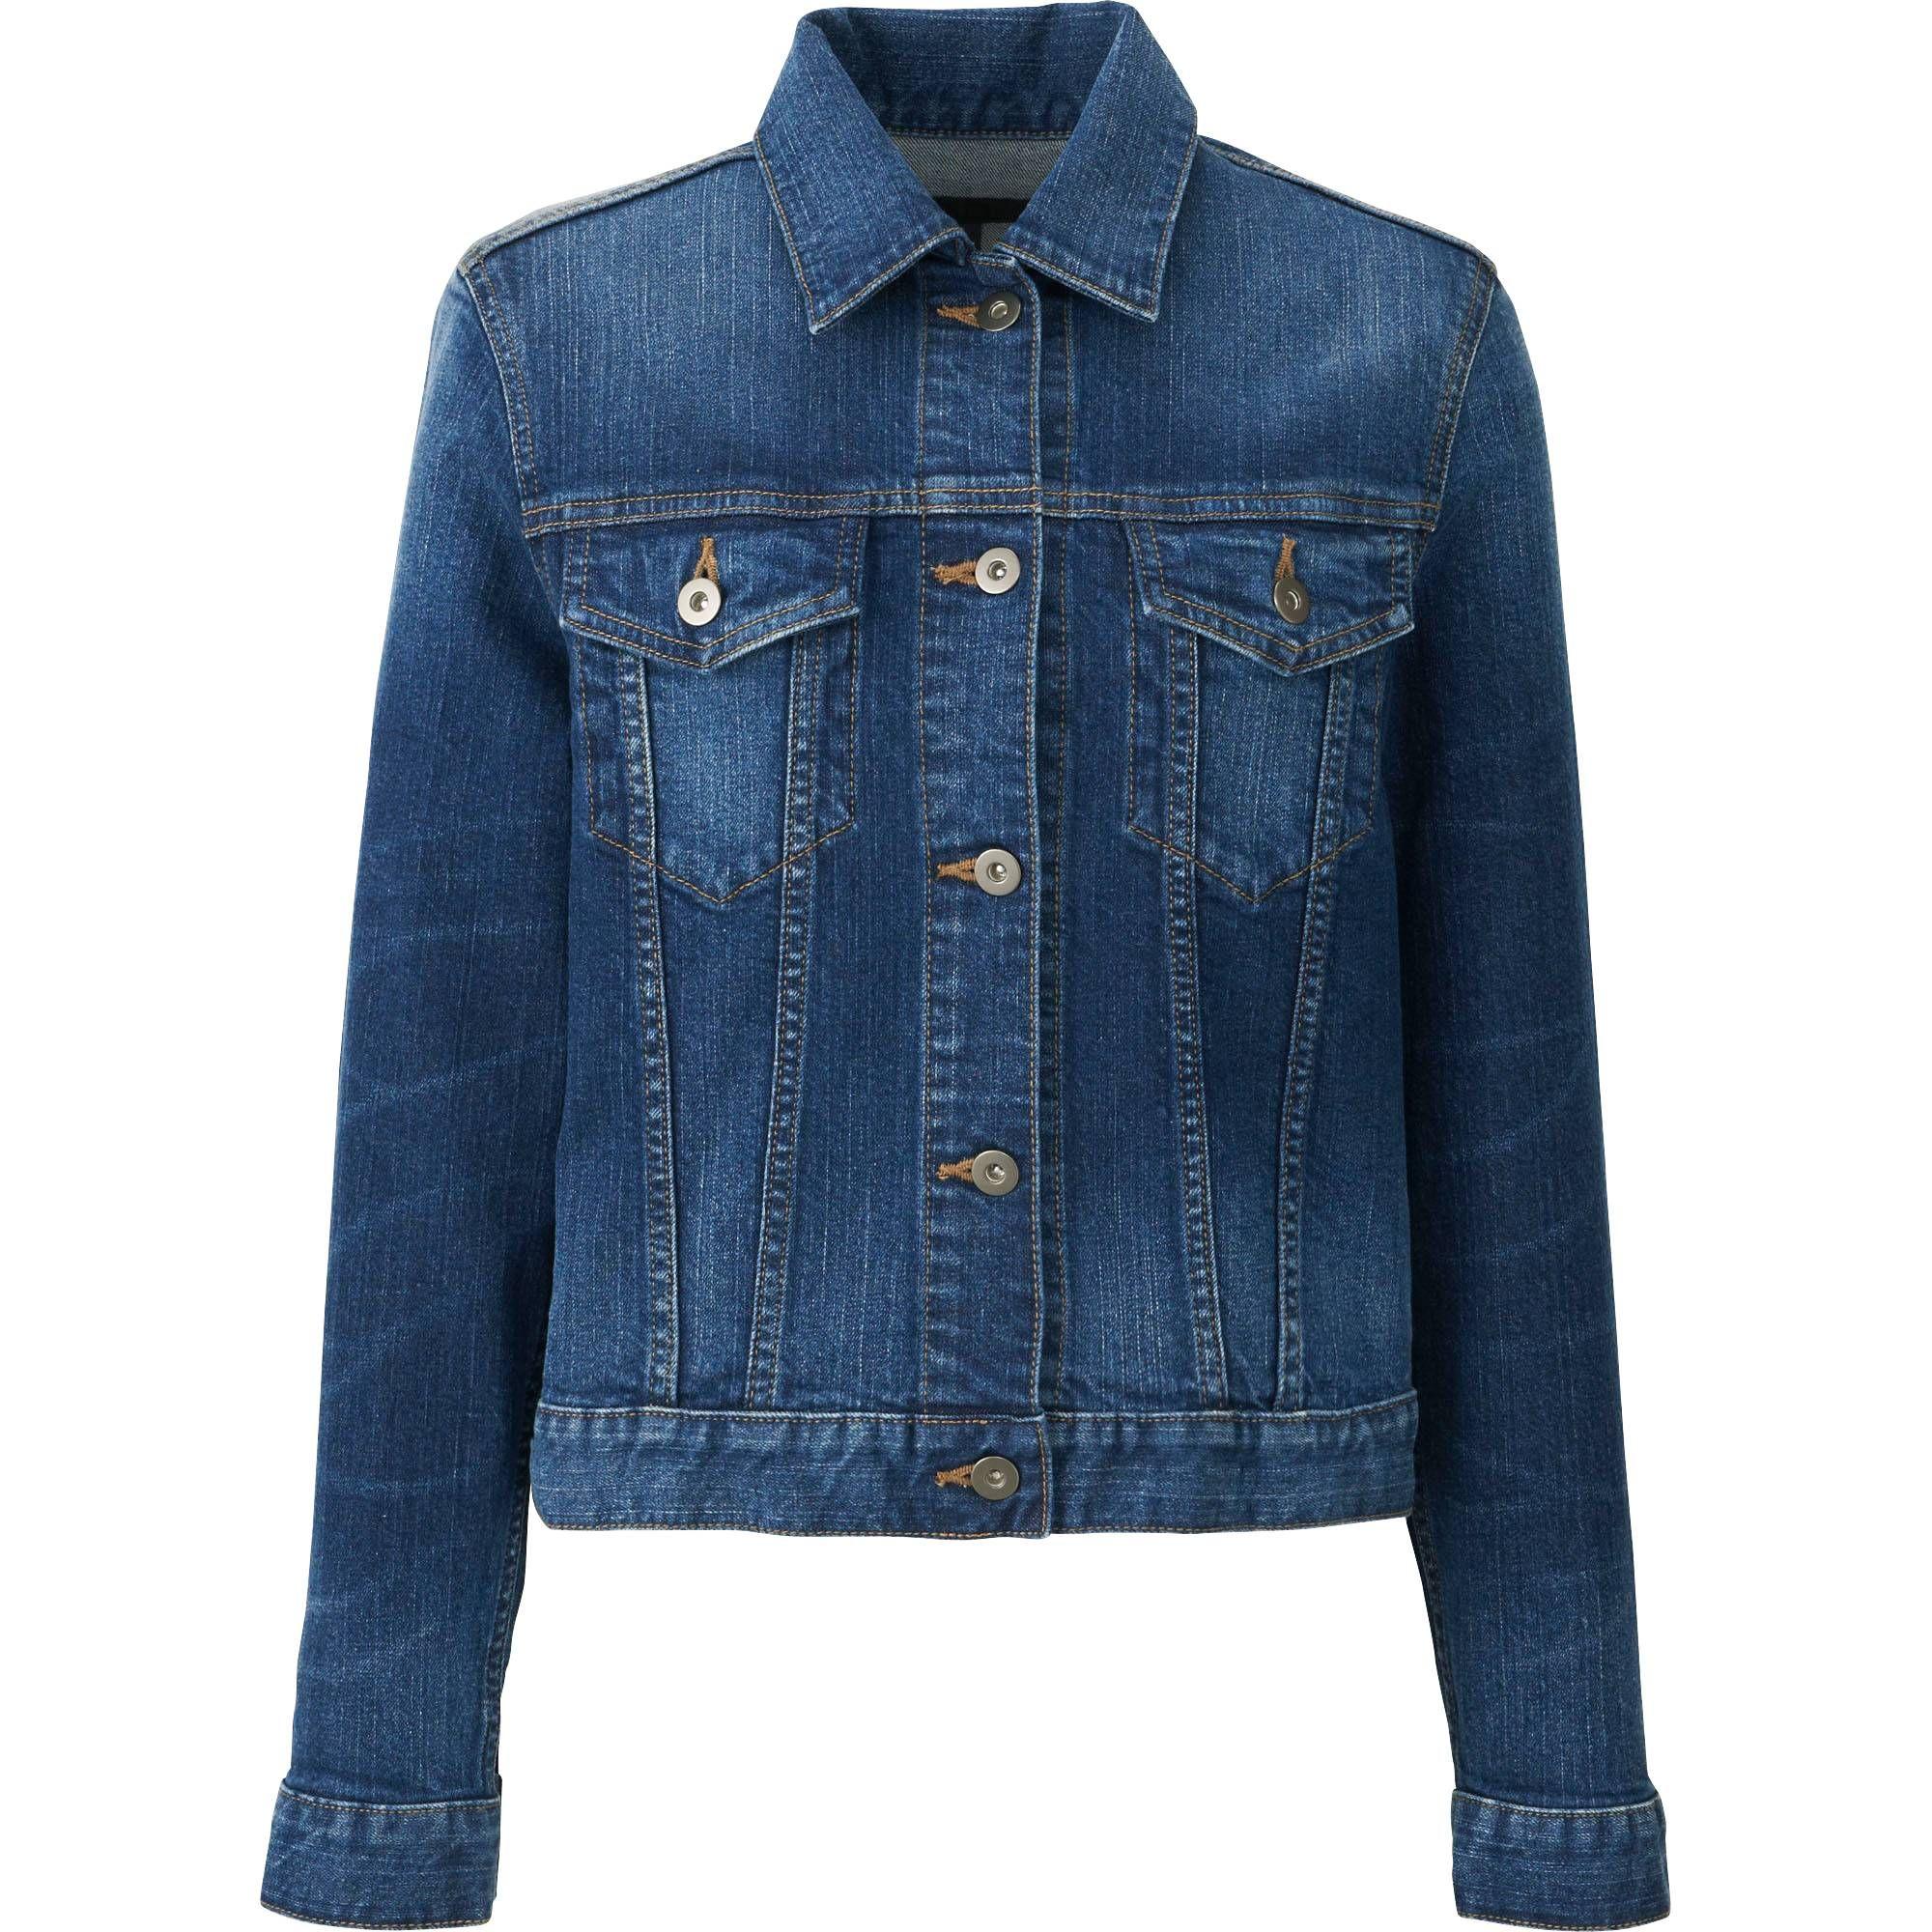 Image Result For Denim Jacket Womens Denim Jacket Women Stylish Denim Frayed Denim Jacket [ 2000 x 2000 Pixel ]